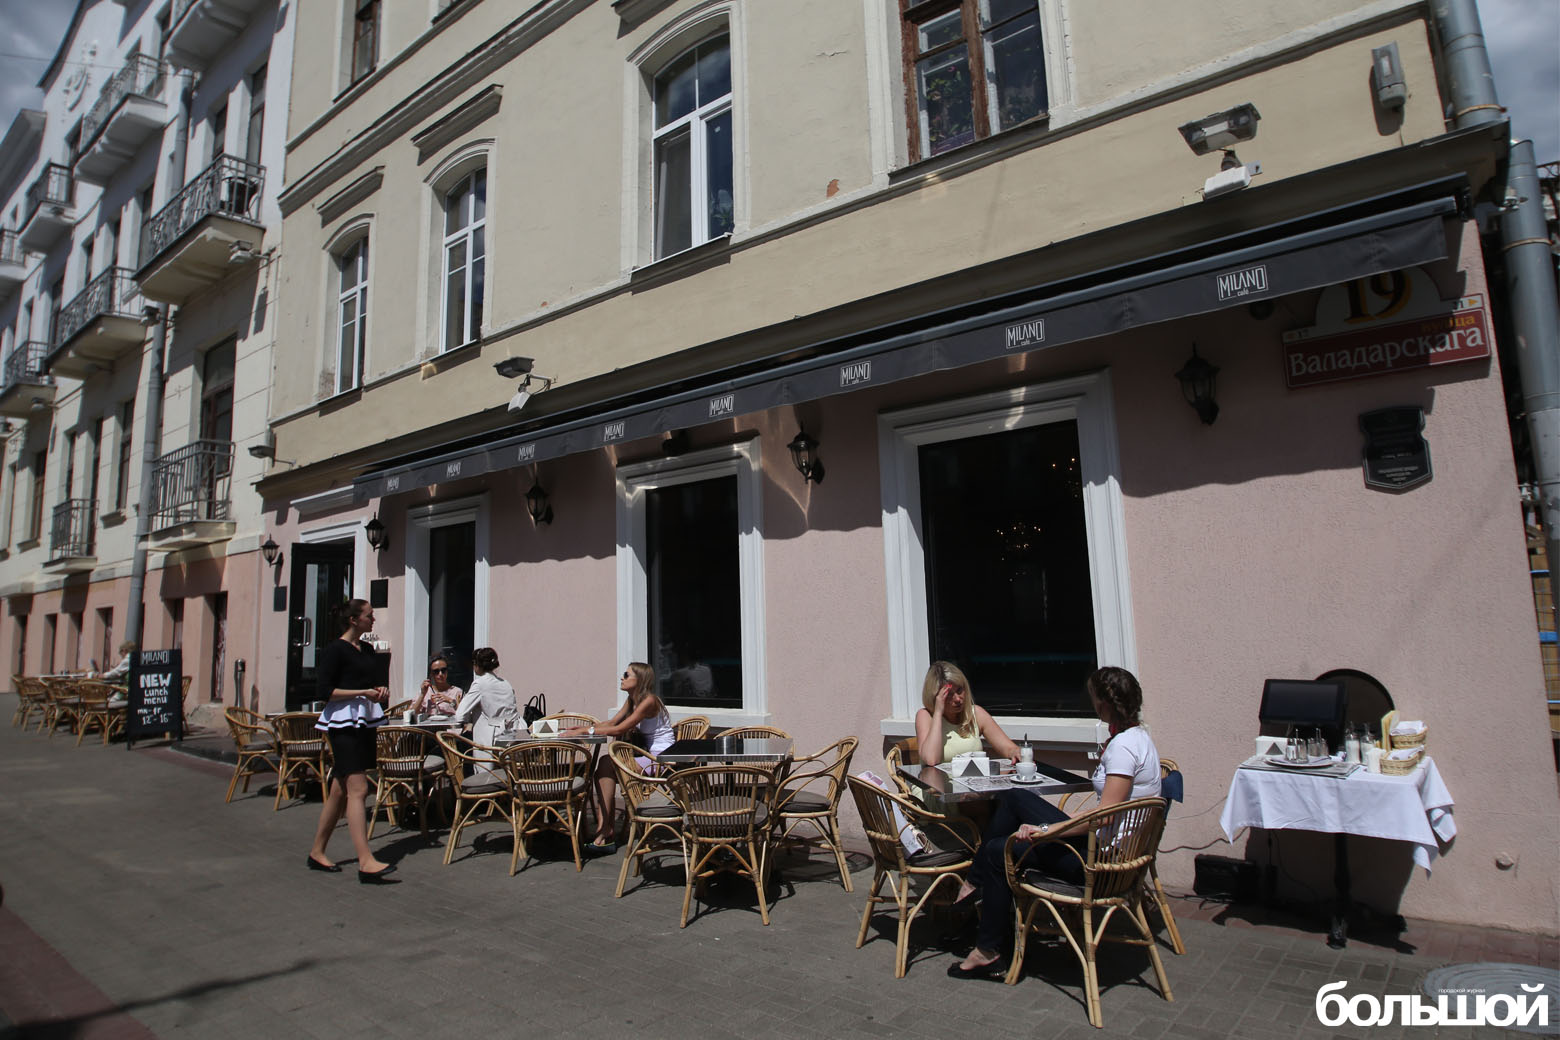 Milano café